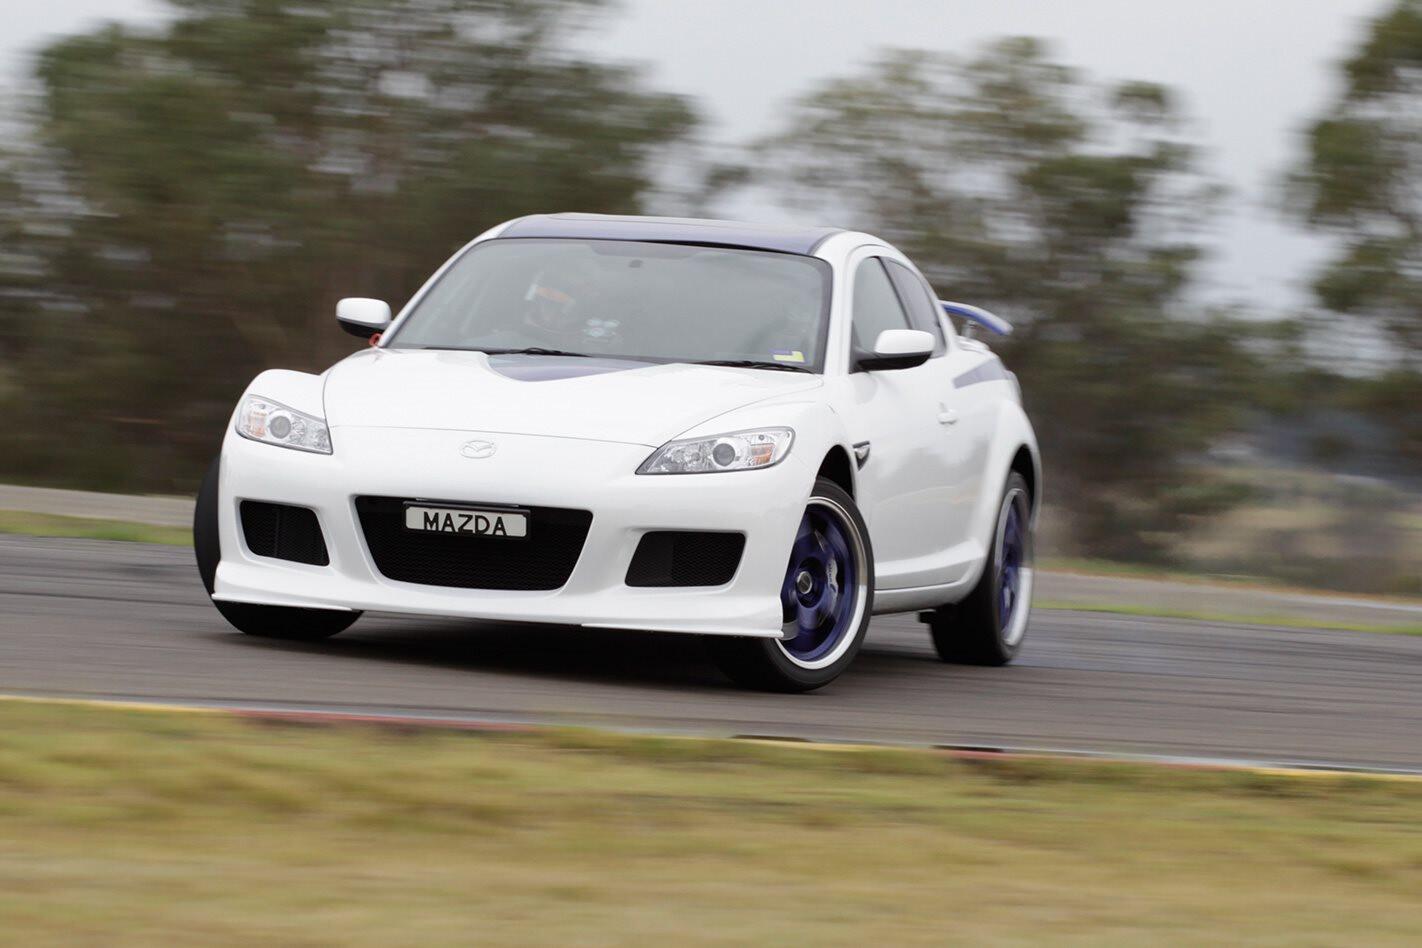 2009 Mazda RX 8 SP